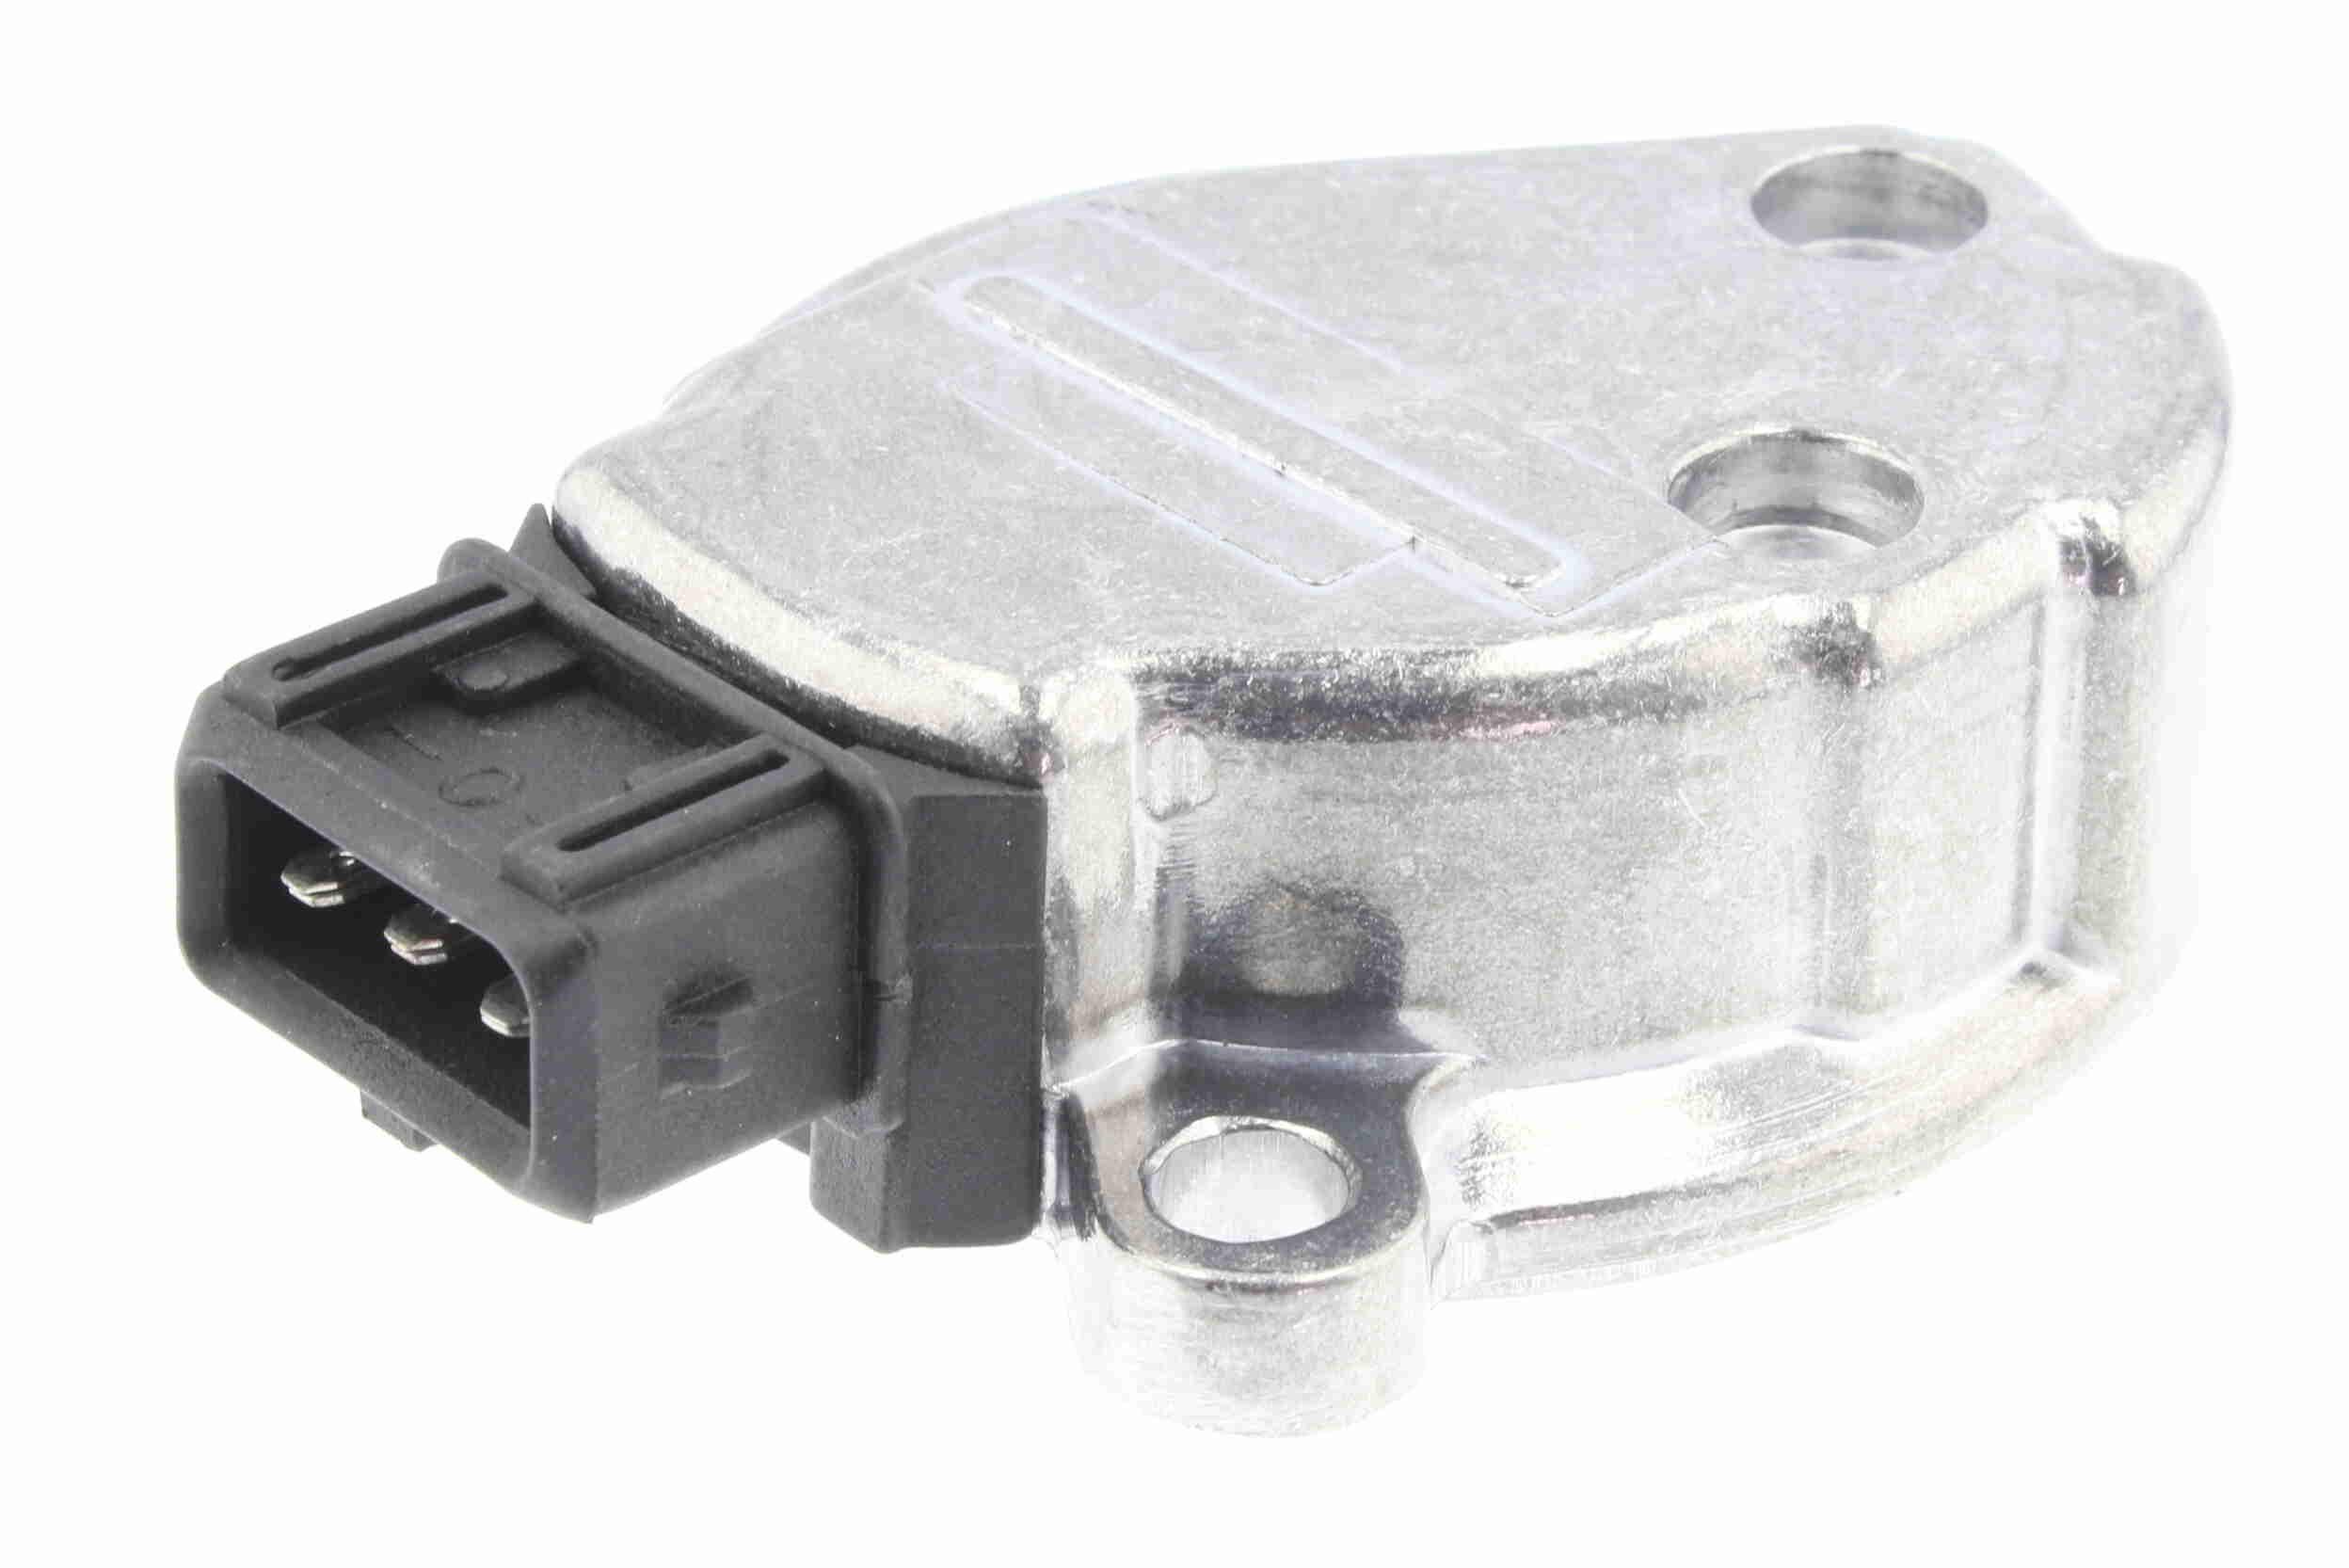 VW PHAETON 2010 Nockenwellenpositionssensor - Original VEMO V10-72-0977 Anschlussanzahl: 3